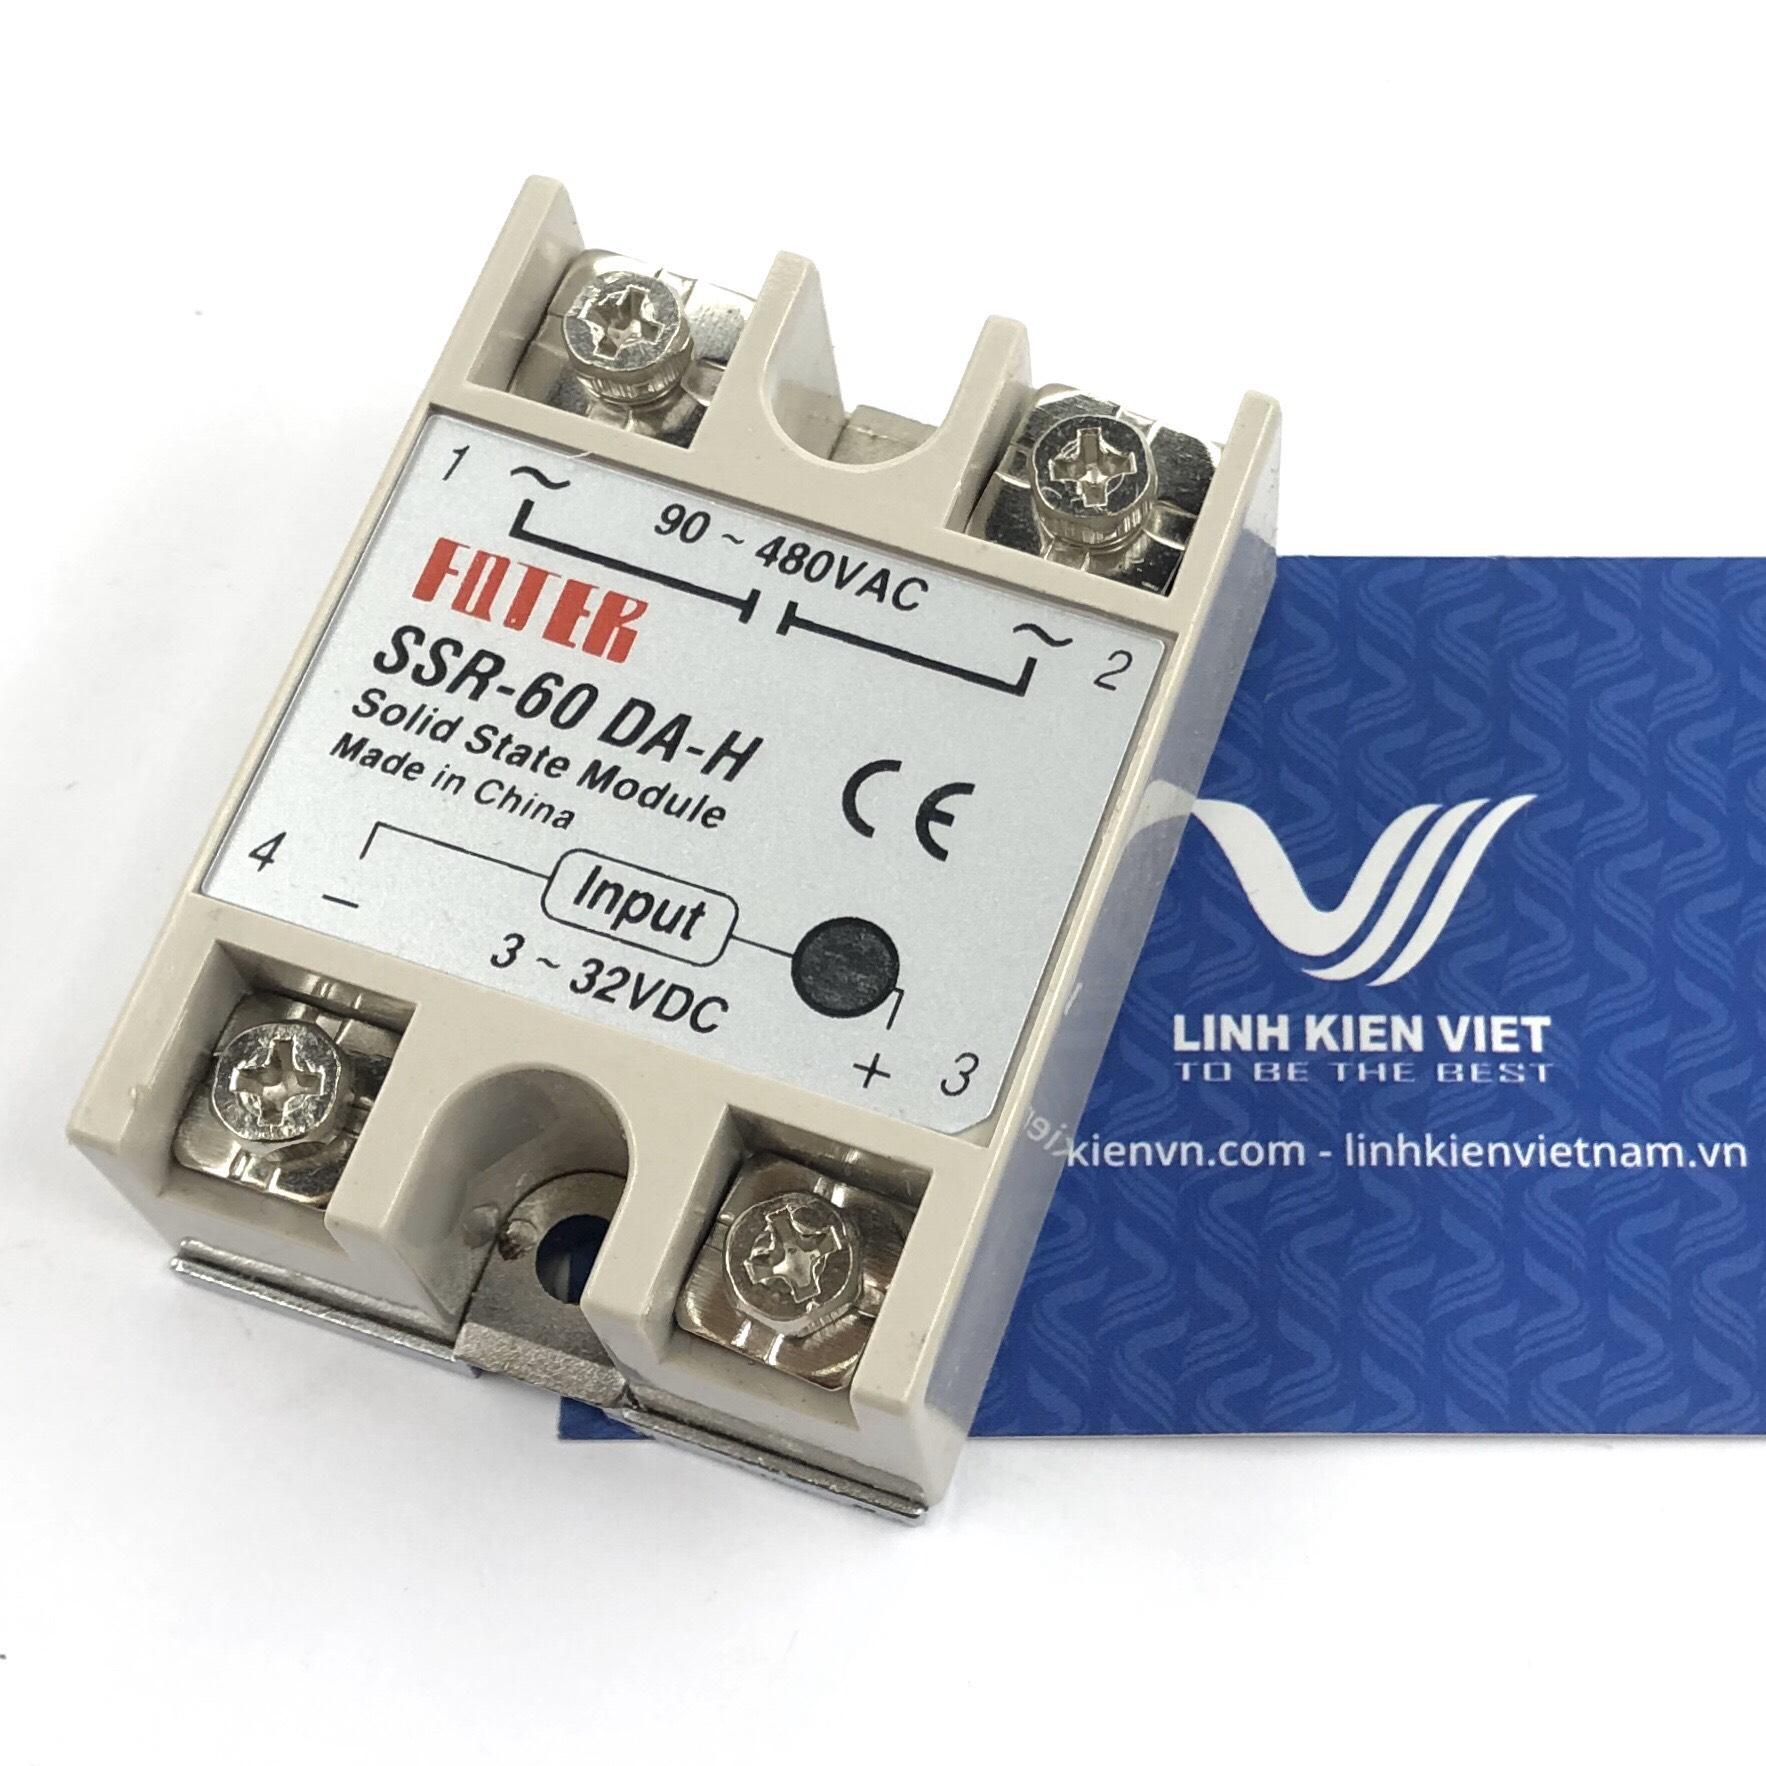 Relay bán dẫn SSR-60DA-H input 3-32VDC - A10H17